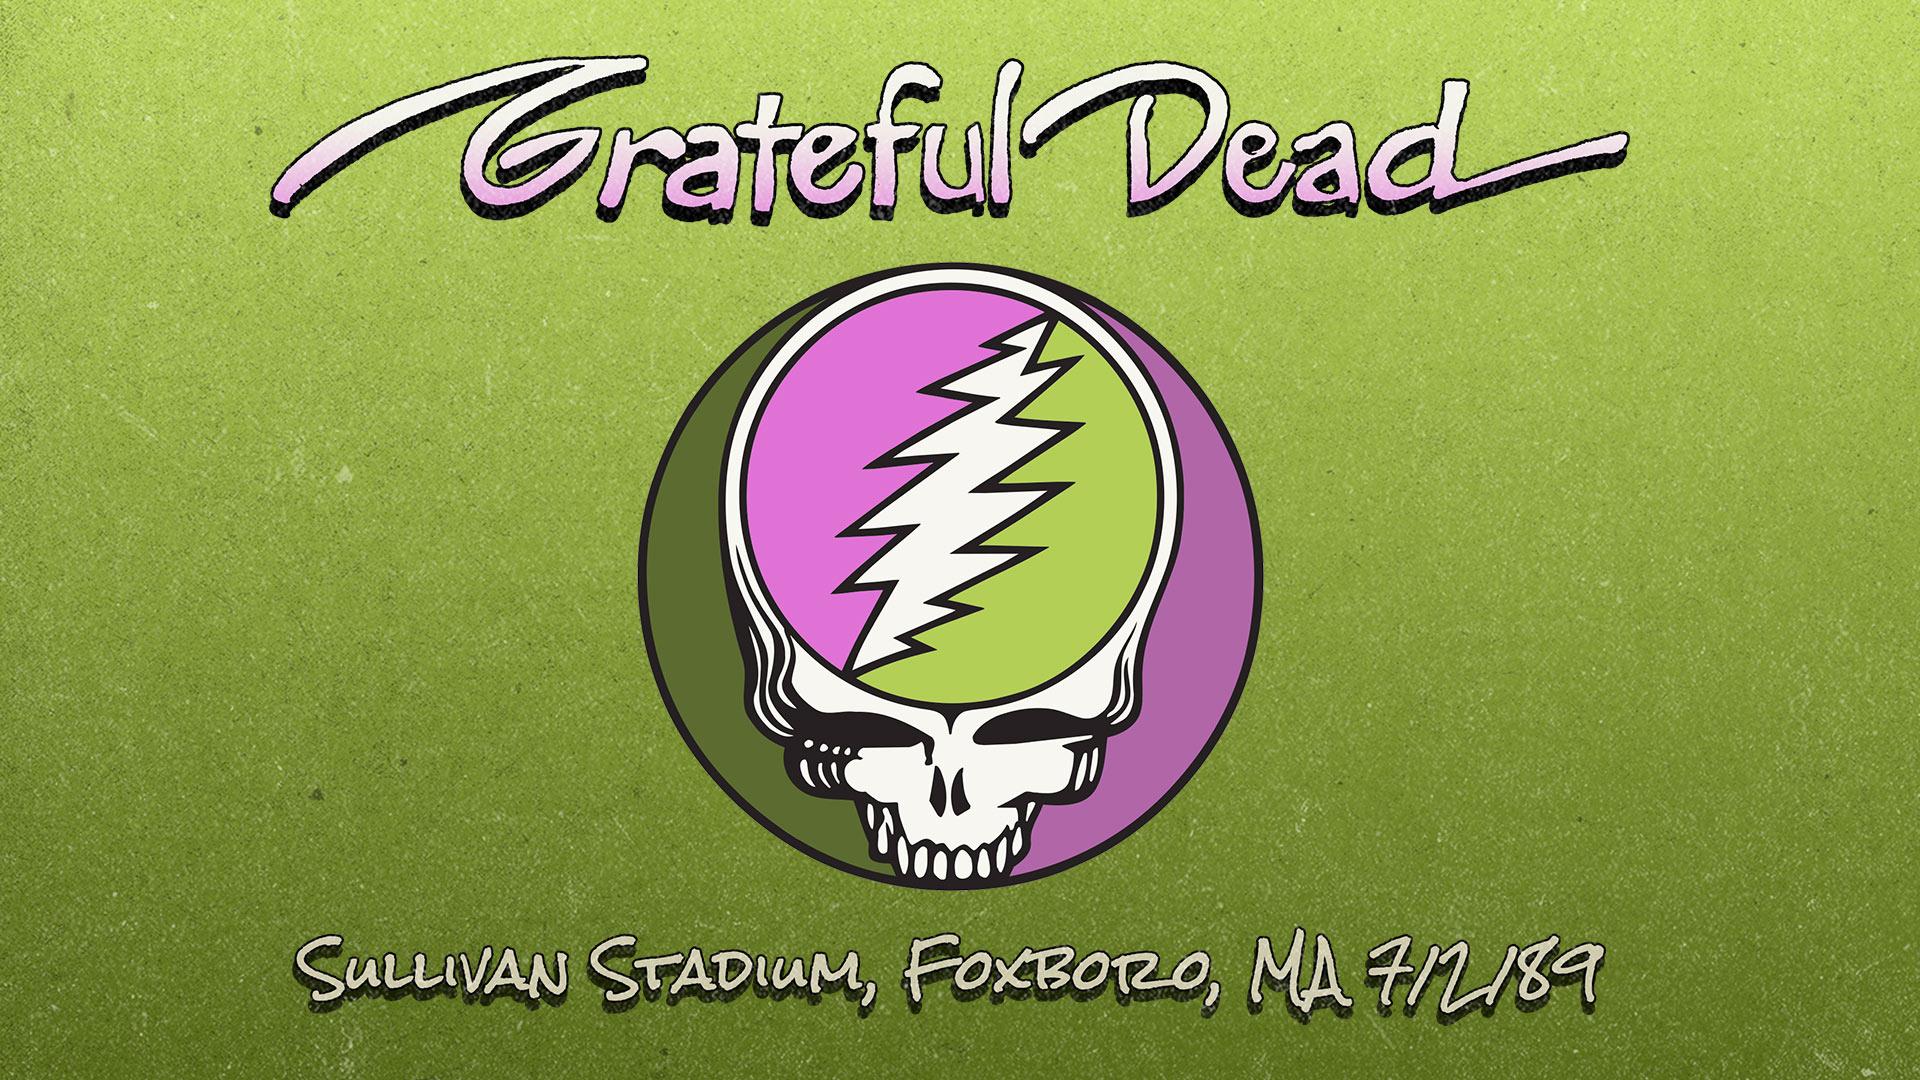 Live in Foxboro, MA 7/2/89